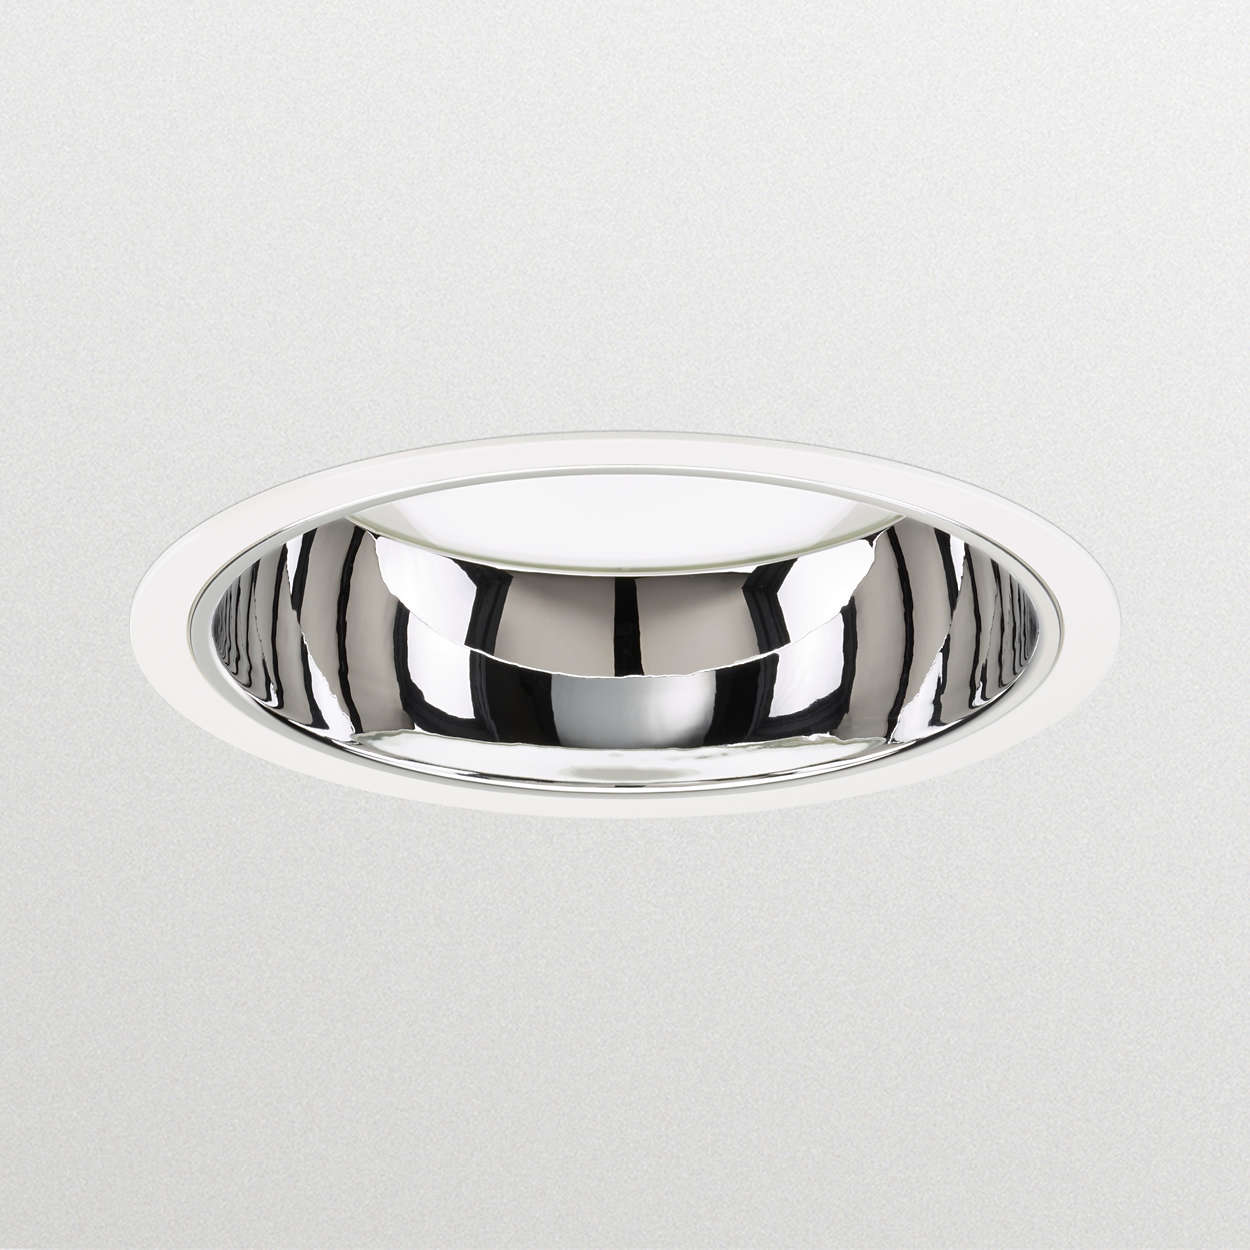 LuxSpace, versión empotrada: alta eficiencia, comodidad visual y elegante diseño